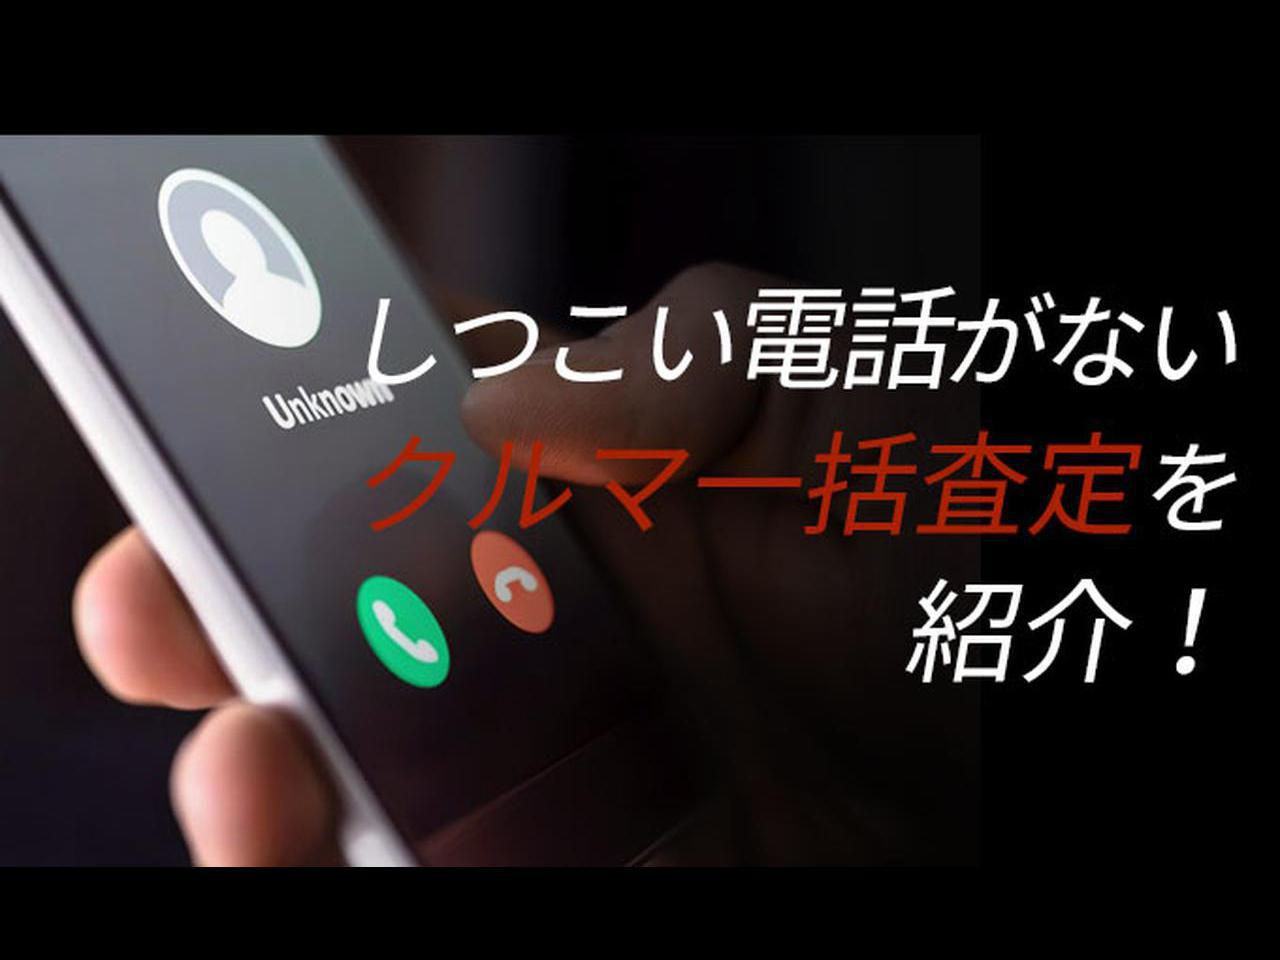 画像: クルマのネット一括査定の電話はしつこい?電話対応でやってはいけないこと電話なしで使えるサービスを紹介! - Webモーターマガジン